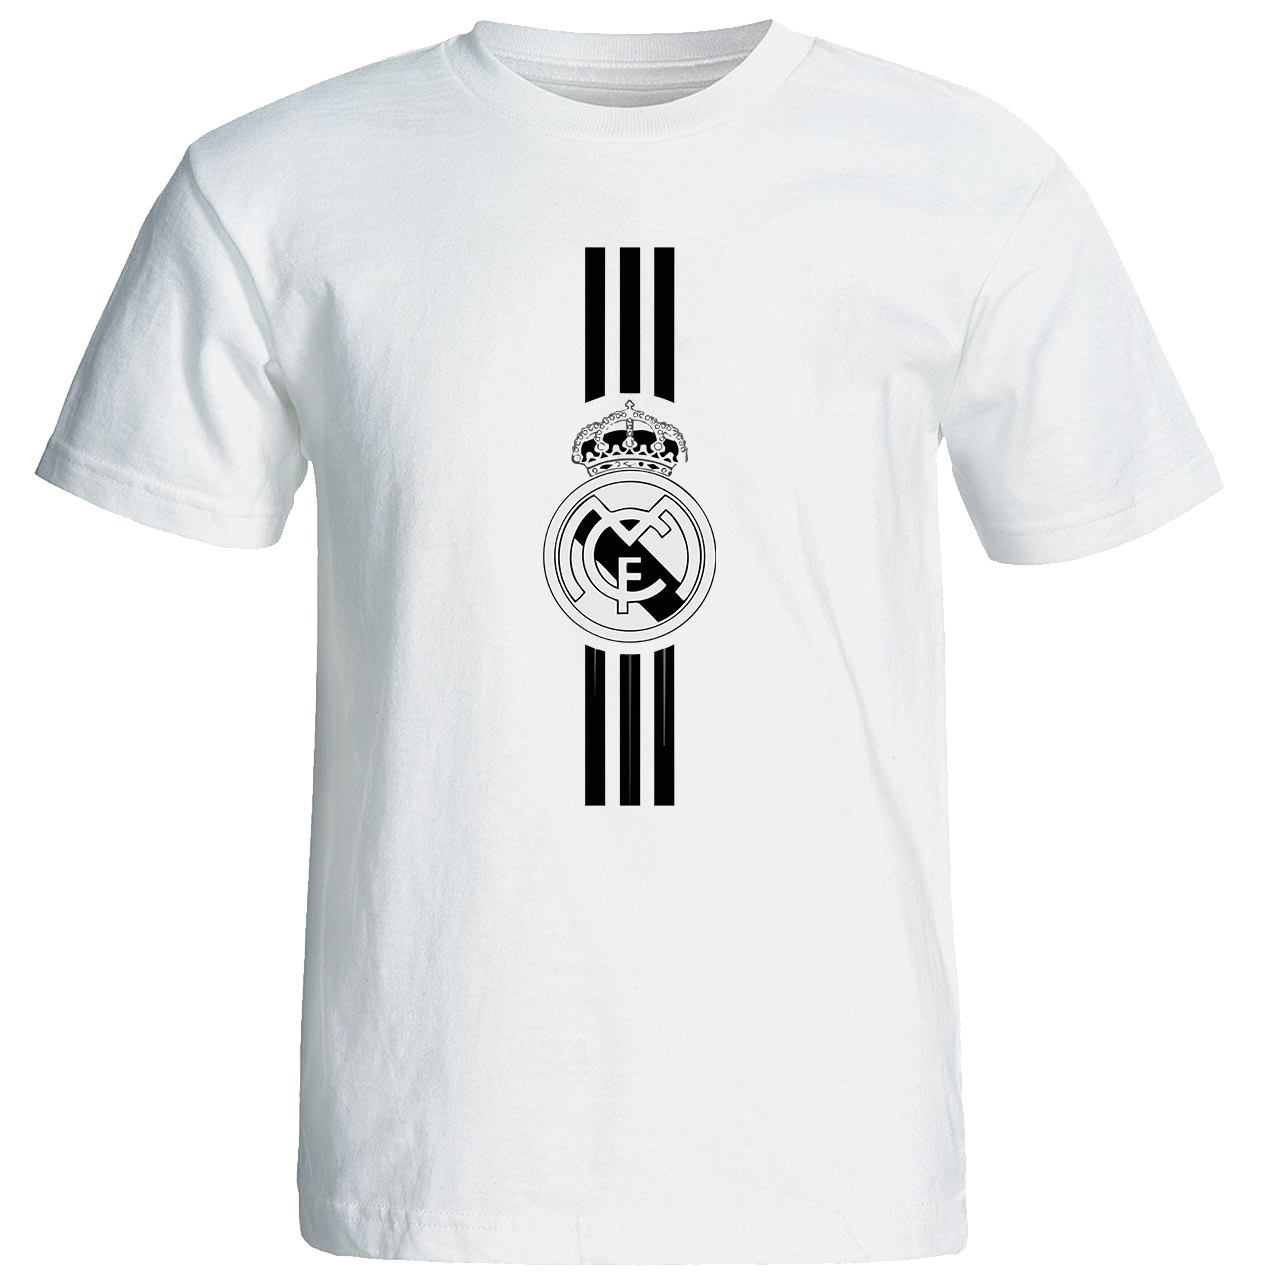 تی شرت آستین کوتاه مردانه طرح رئال مادرید کد 1497